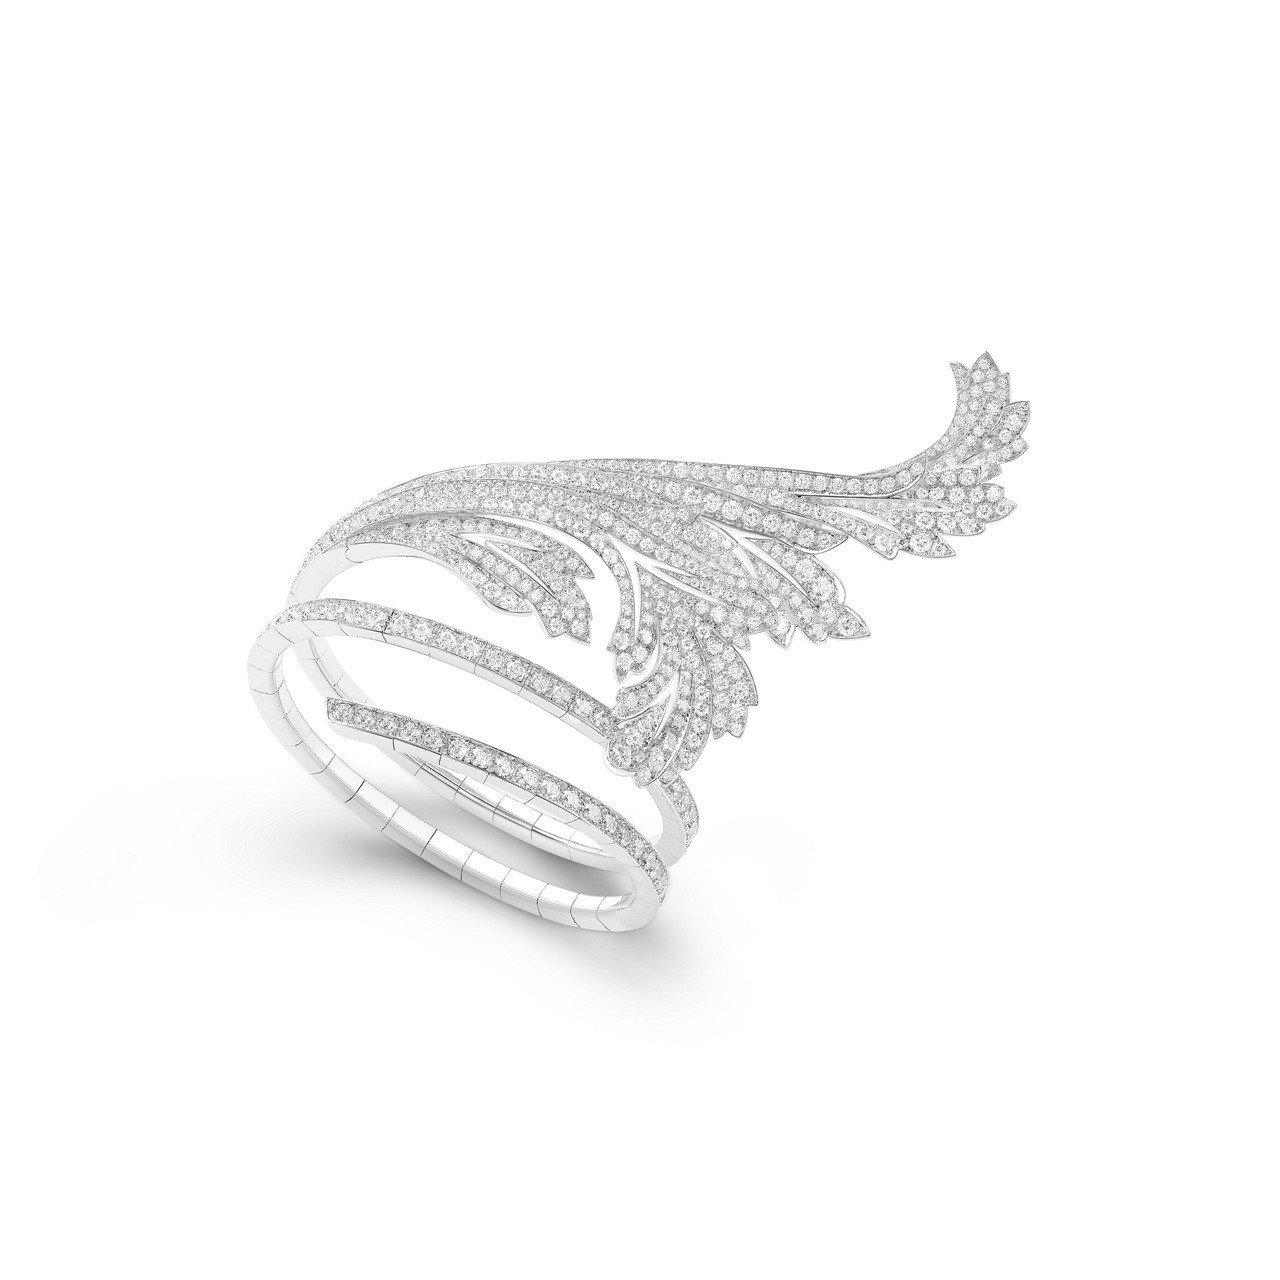 寶詩龍頂級珠寶系列FEUILLES DACANTHE手環,18K白金鑲嵌515顆...